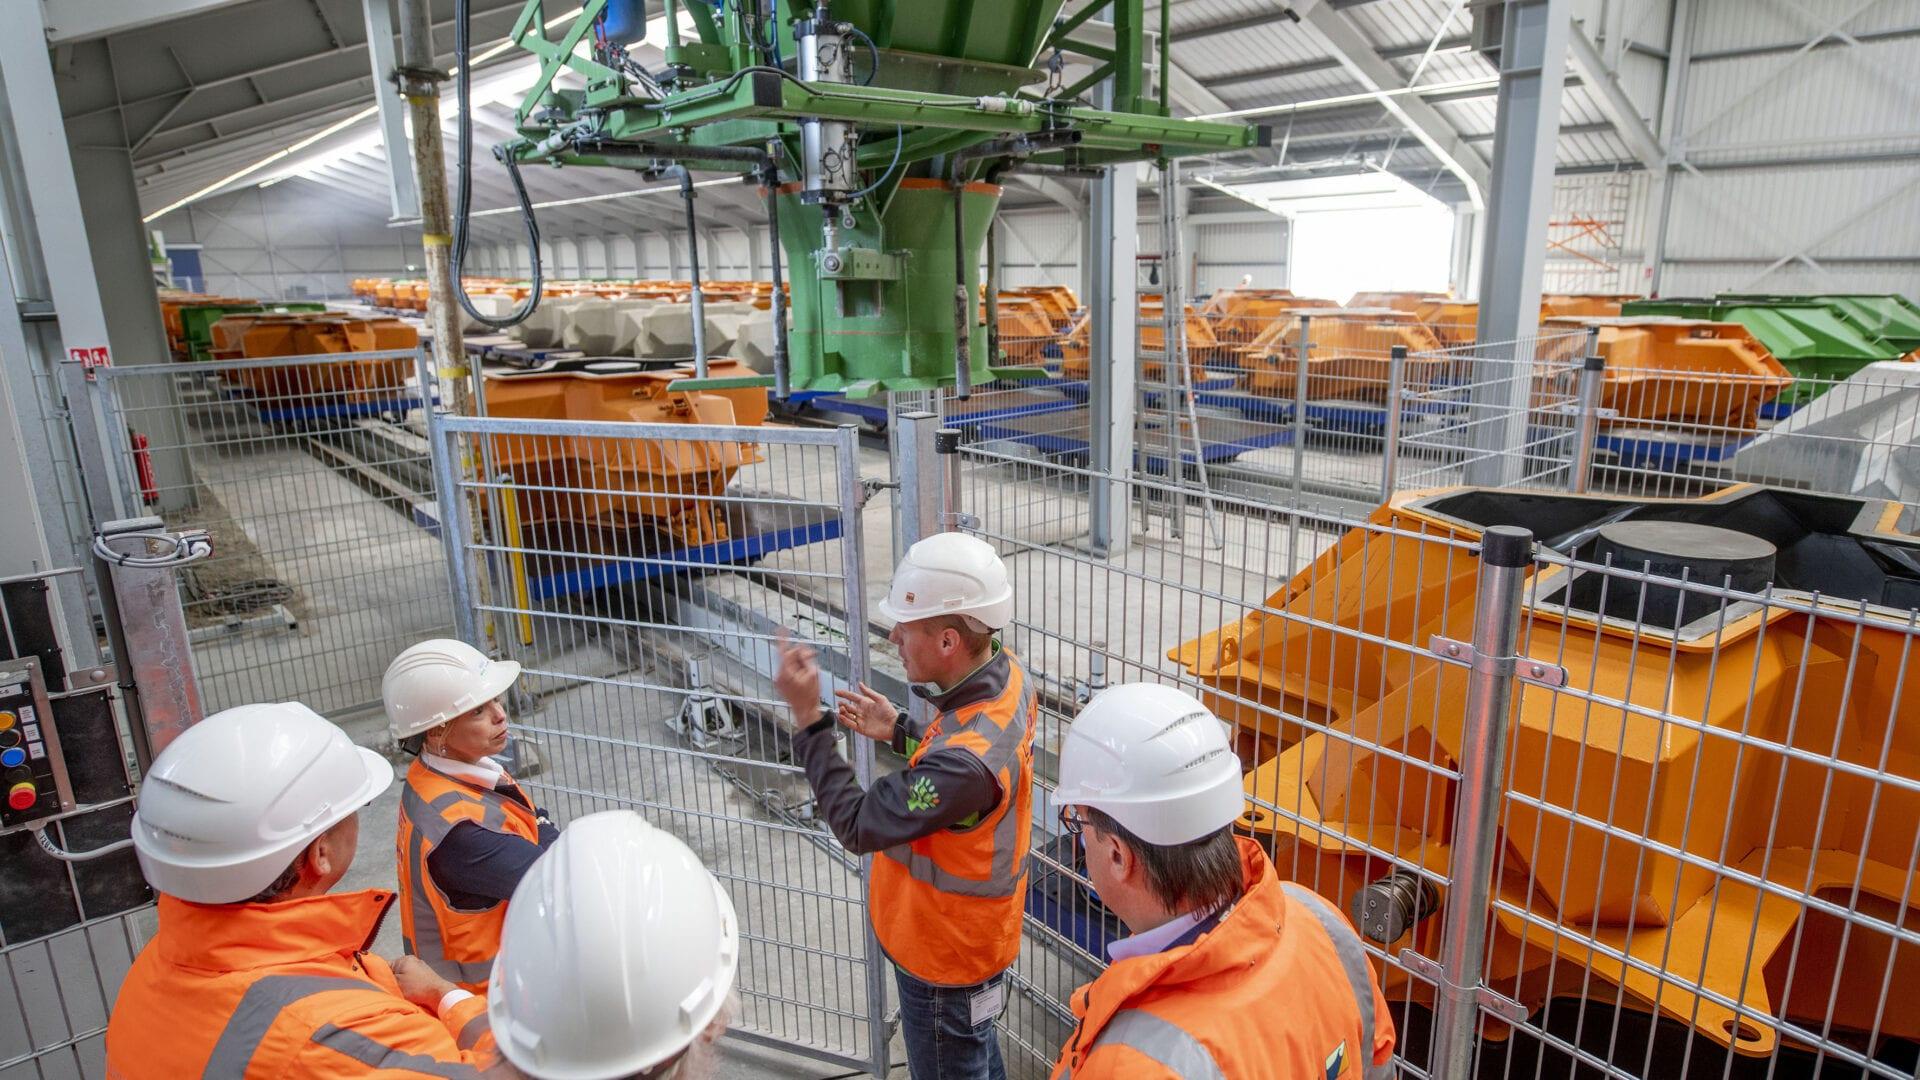 Wij staan binnen in een loods. Daar zien wij de openingshandeling door Avine Fokkens. Zij staat voor een hek met een aantal werkmannen. Op de achtergrond staan veel gele blokken.